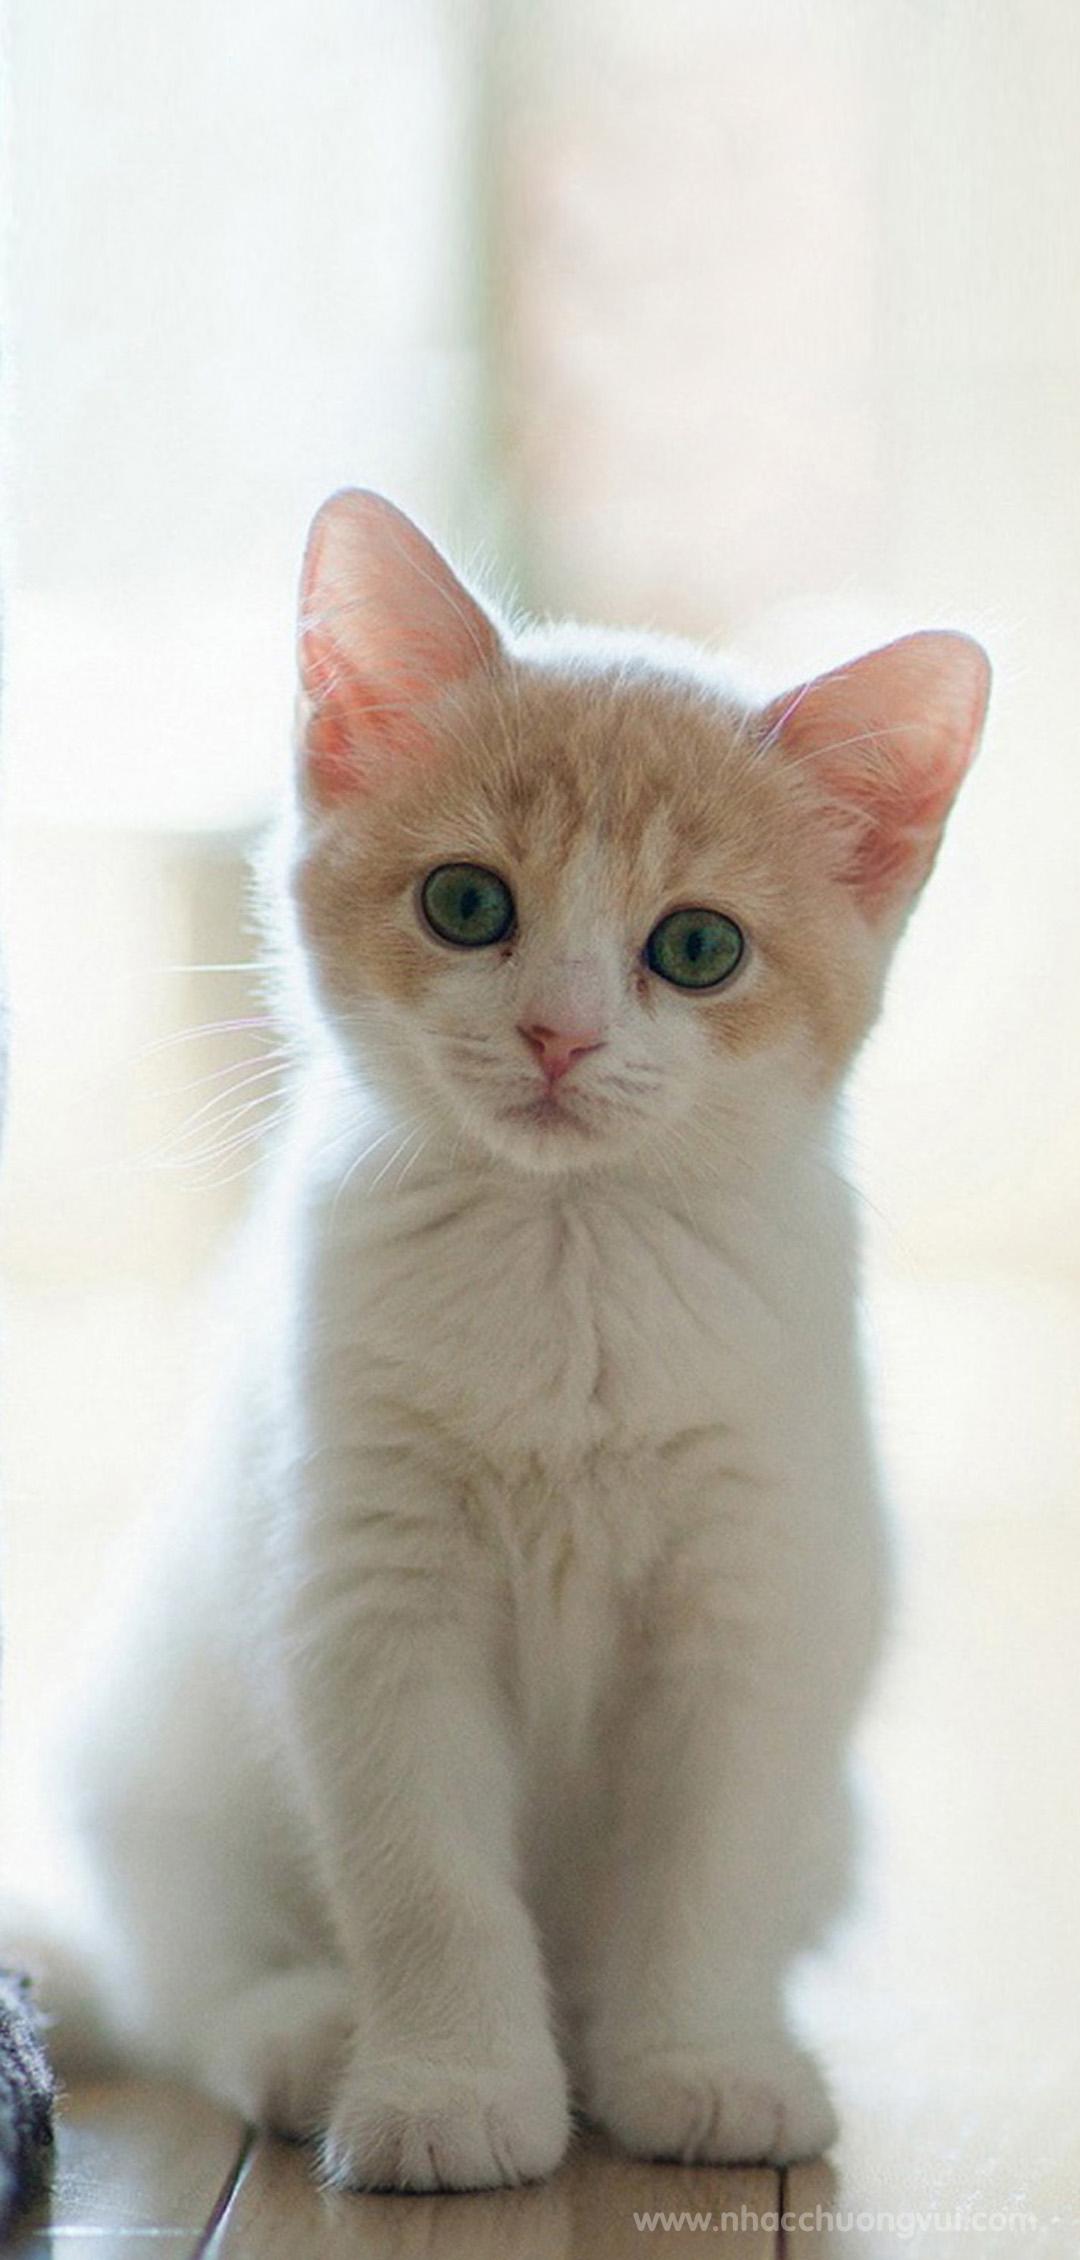 Hình nền mèo dễ thương cho điện thoại 14